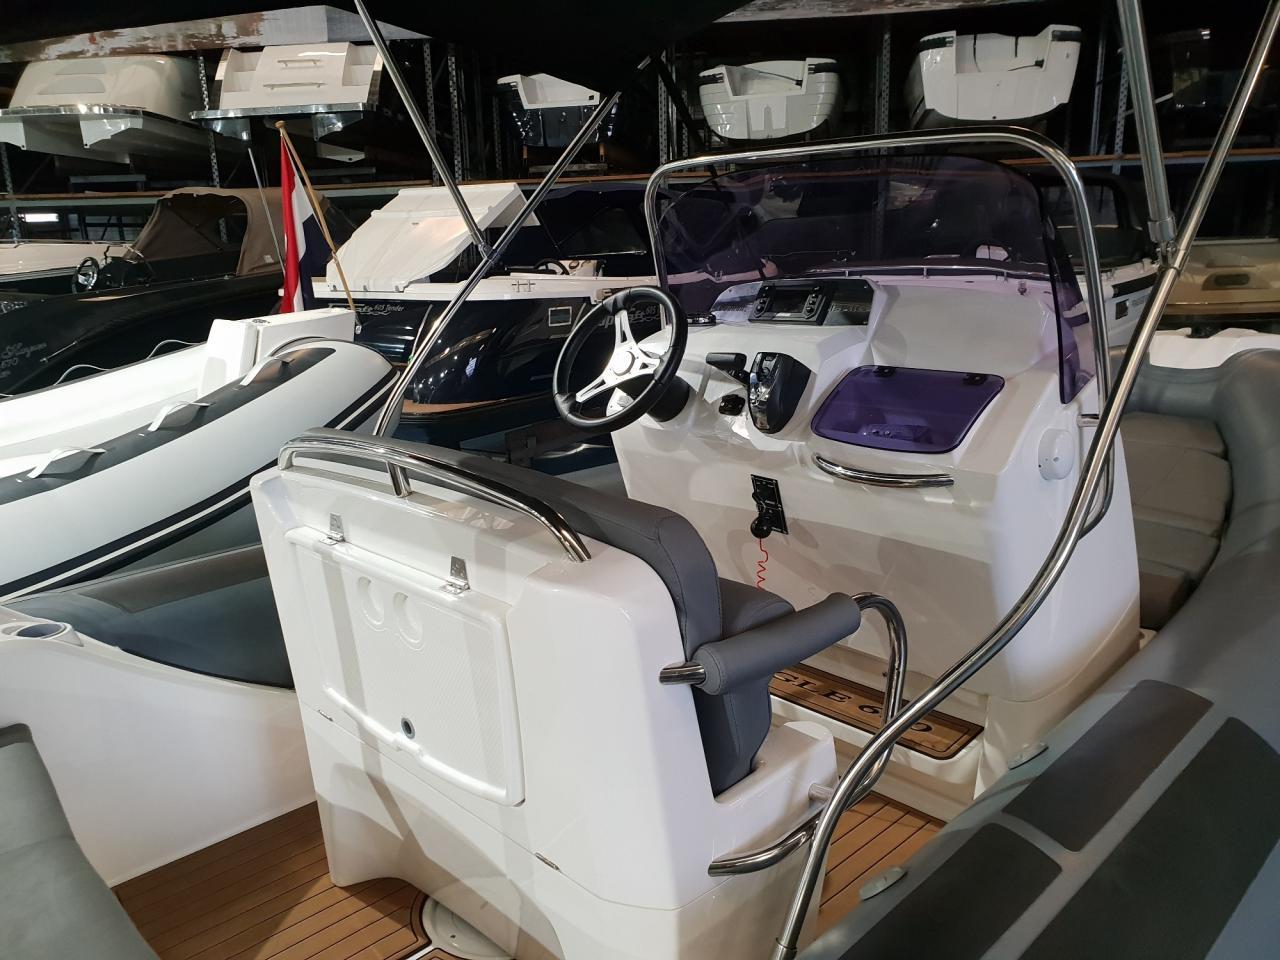 Brig eagle 650 met Evinrude E-tec 300 pk motor 5